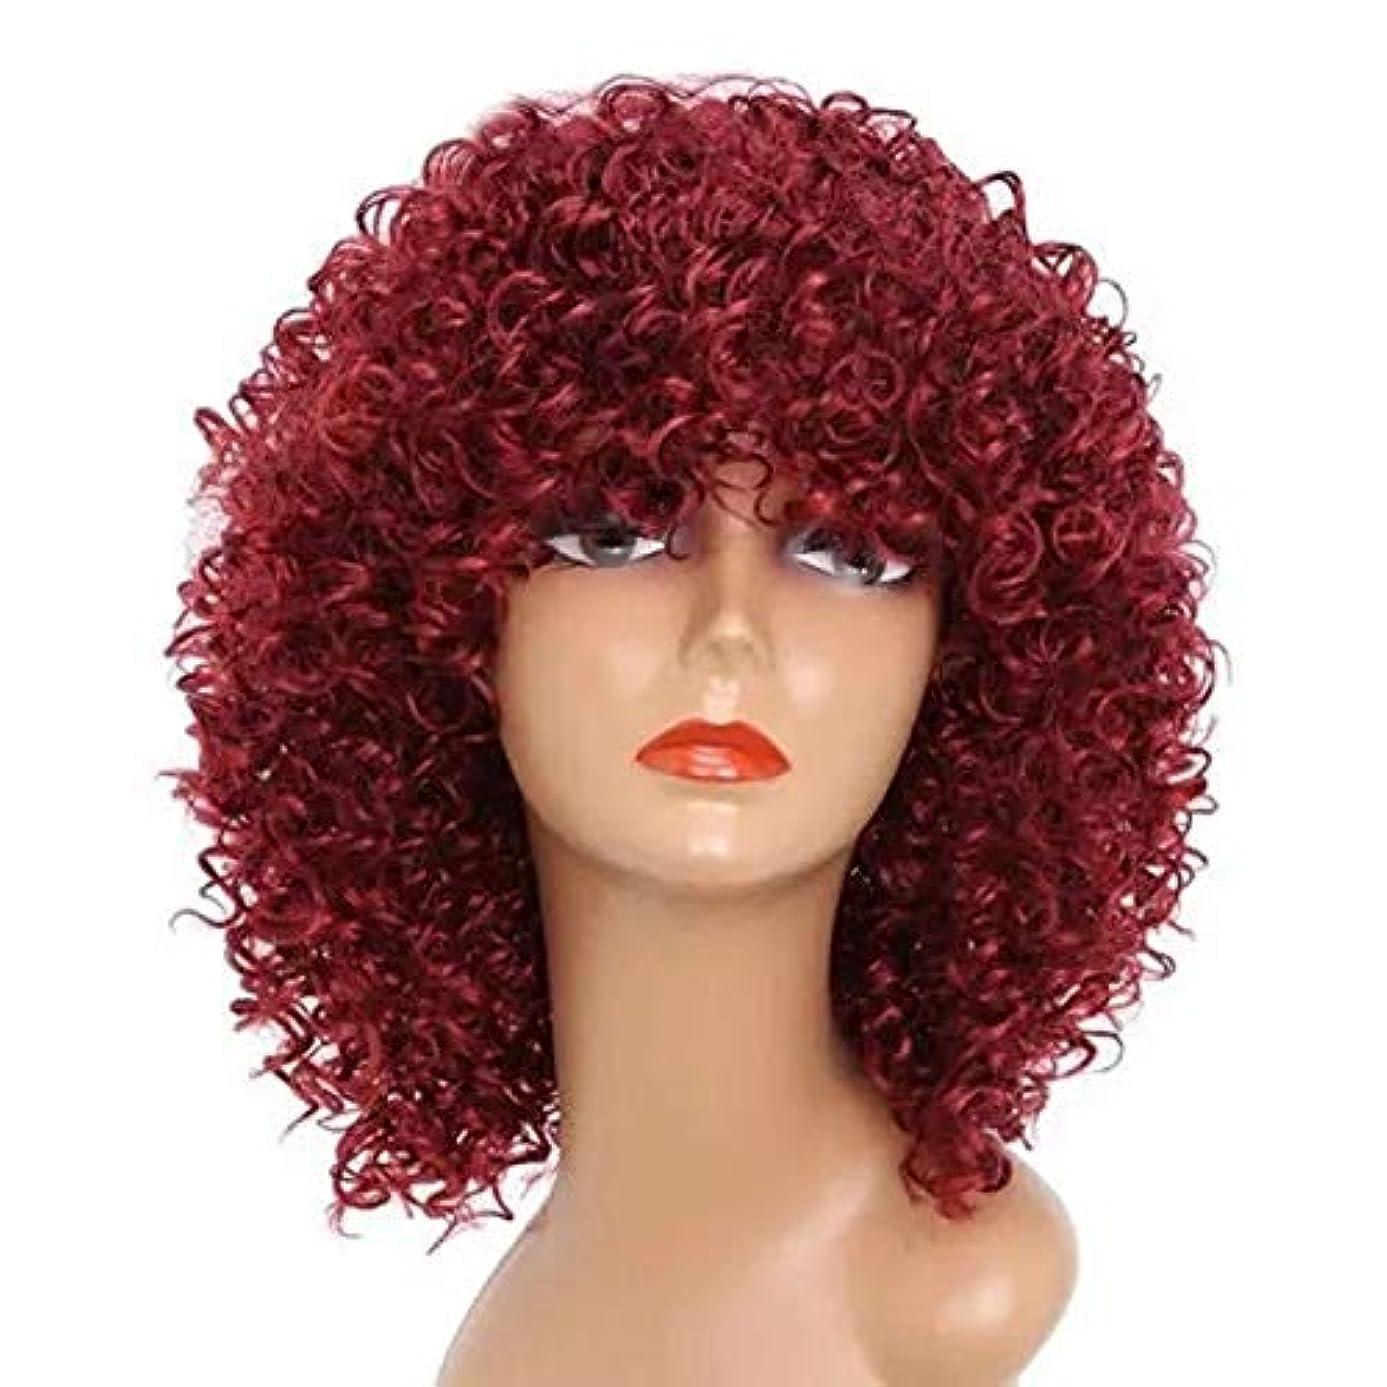 うなずく店主爆発物コスチュームパーティーコスプレのための黒人女性カーリーブラジルのバージン毛グルーレス通気性のウィッグキャップのためのアフロカーリーウィッグ合成繊維レースフロントウィッグ人毛ウィッグ (Color : 赤)